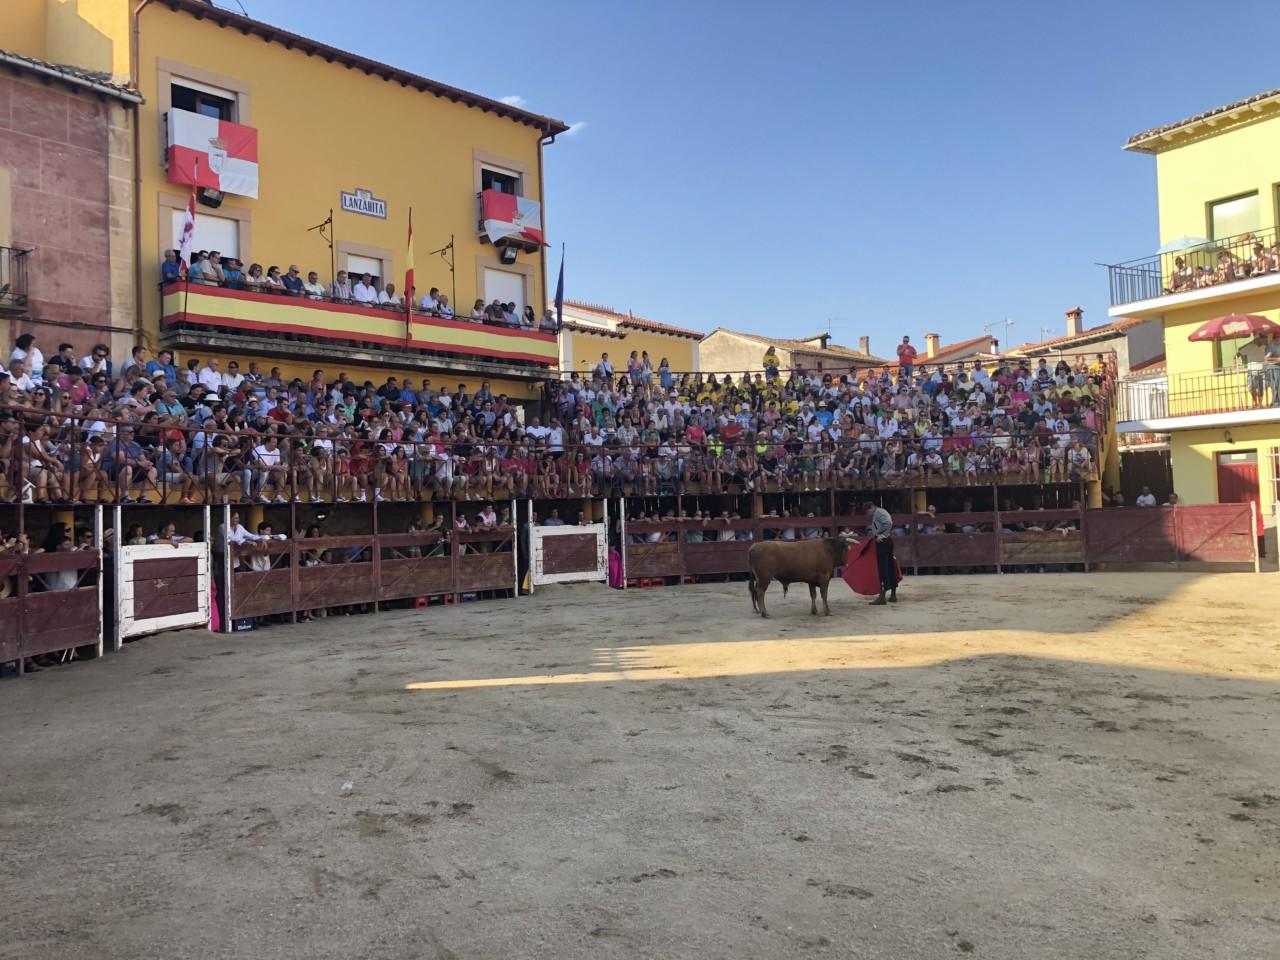 Plaza de toros de Lanzahíta (Ávila)